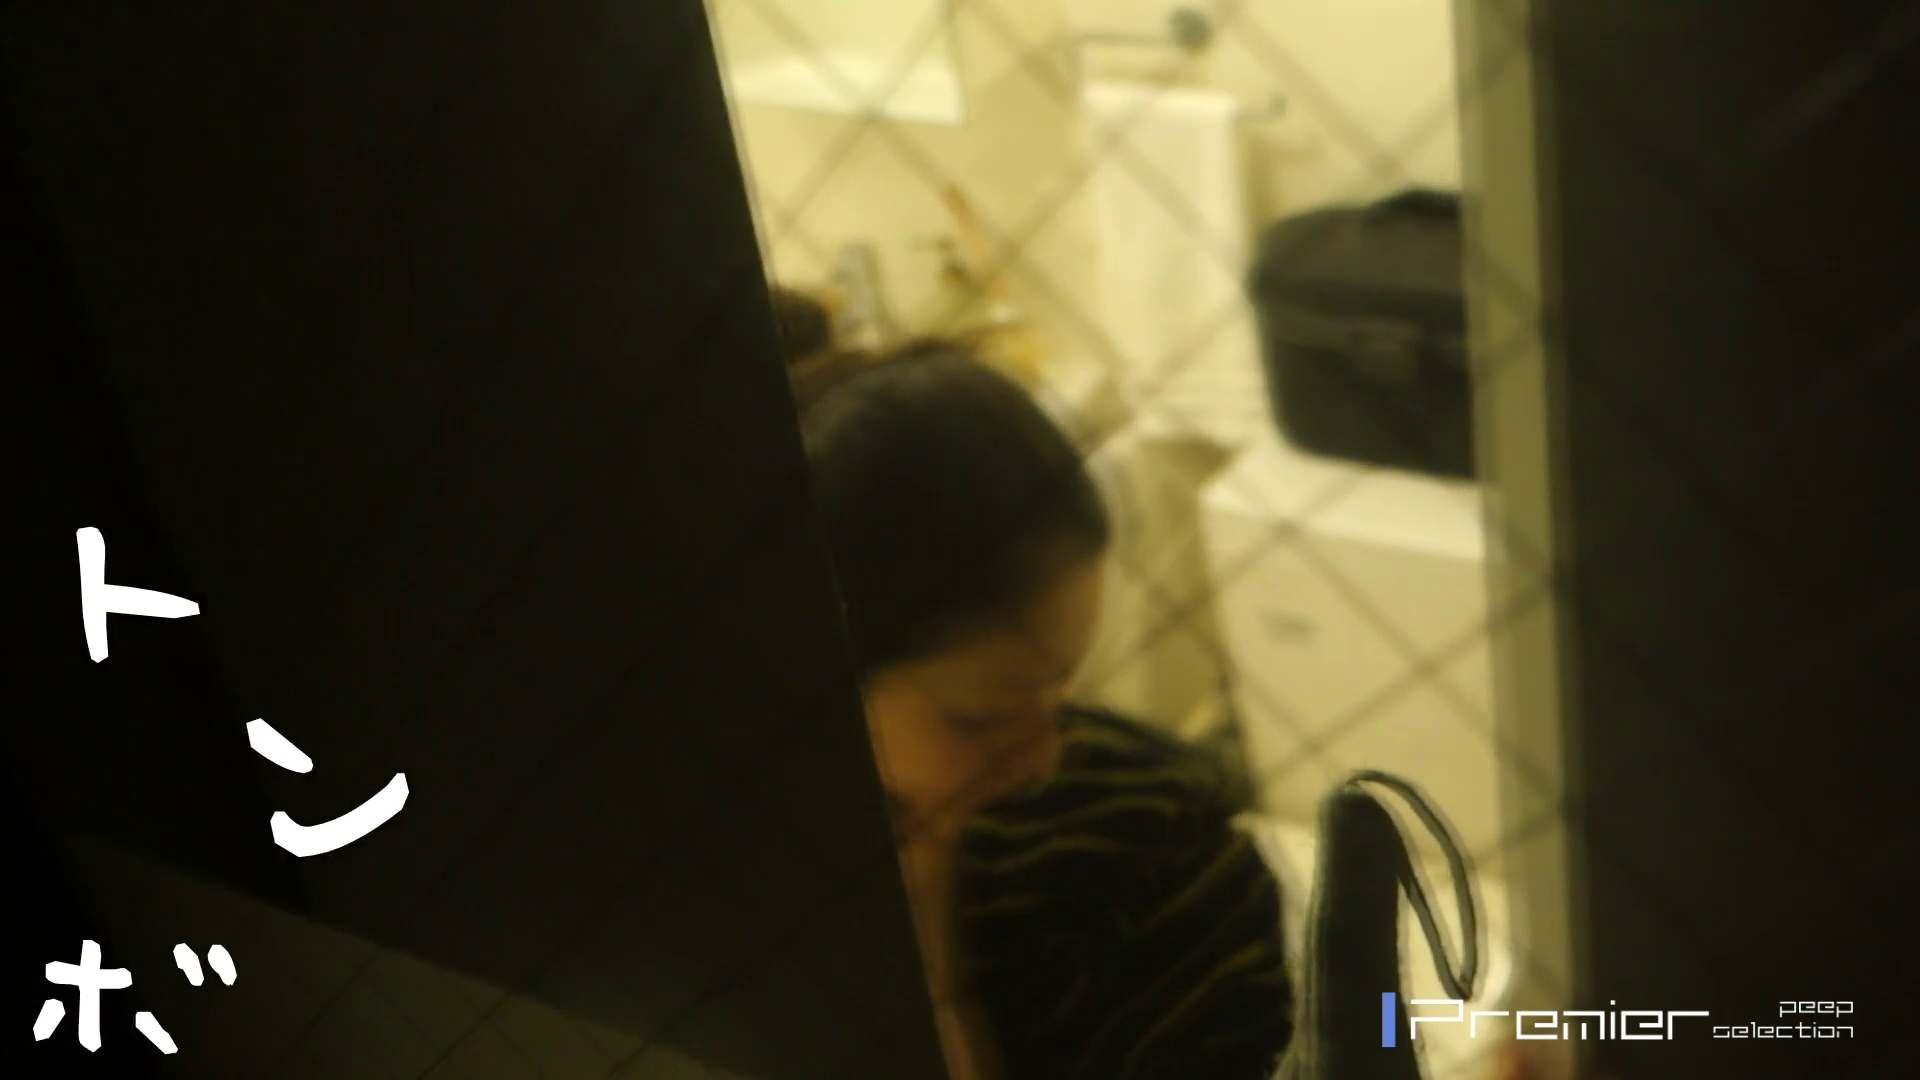 美女達の私生活に潜入!必見!超美形OLの風呂上がり&プライベート 高画質 エロ画像 92枚 88